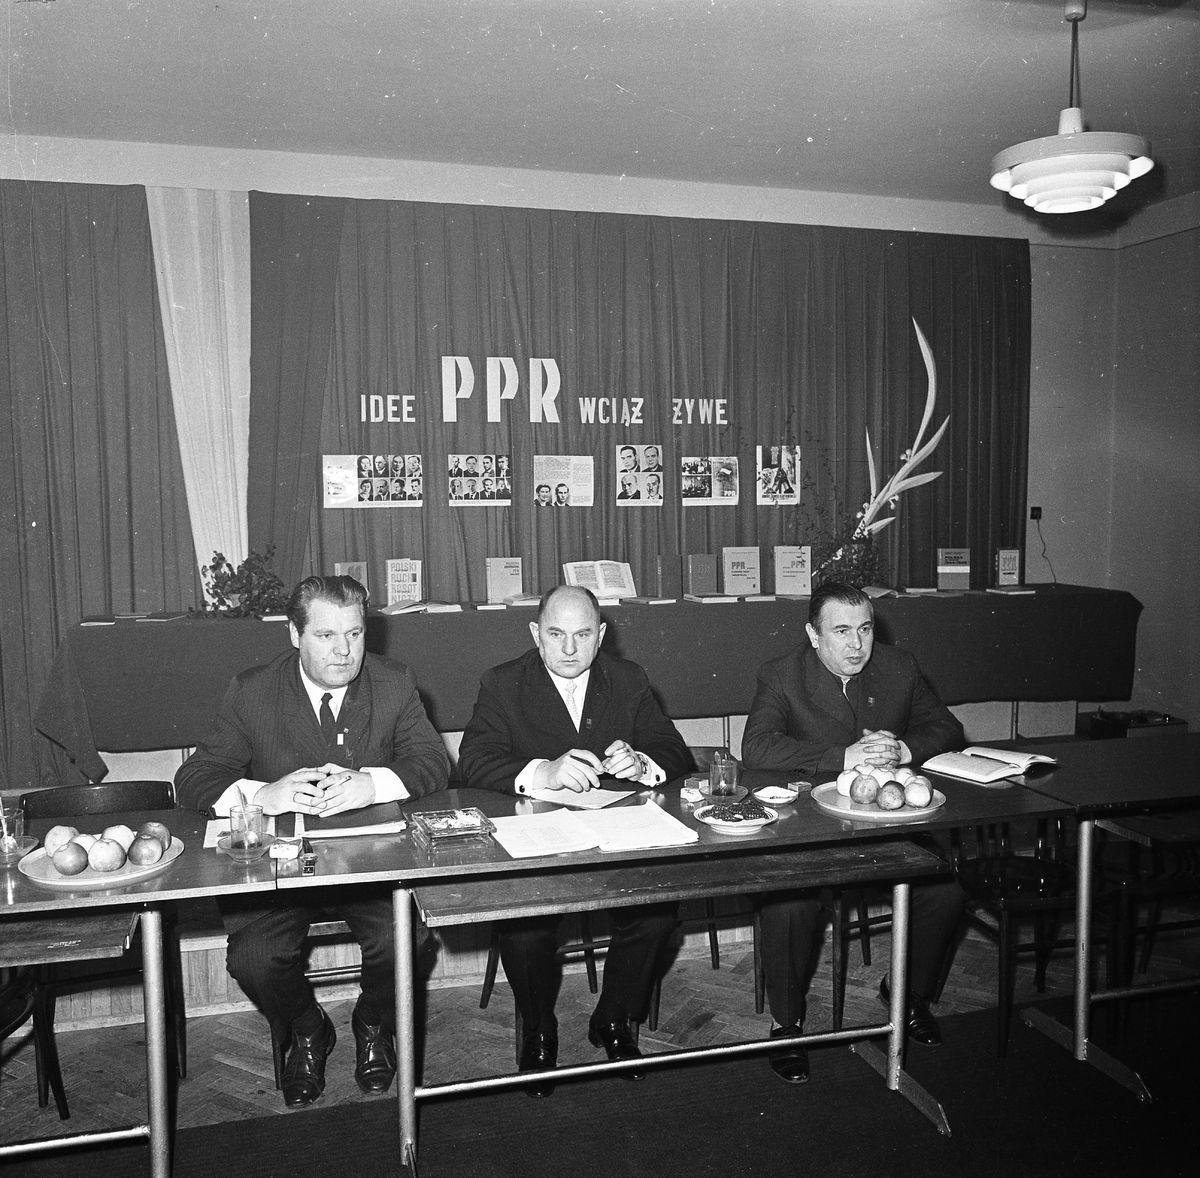 Obchody 30-lecia PPR w PDK, 1972 r. [9]